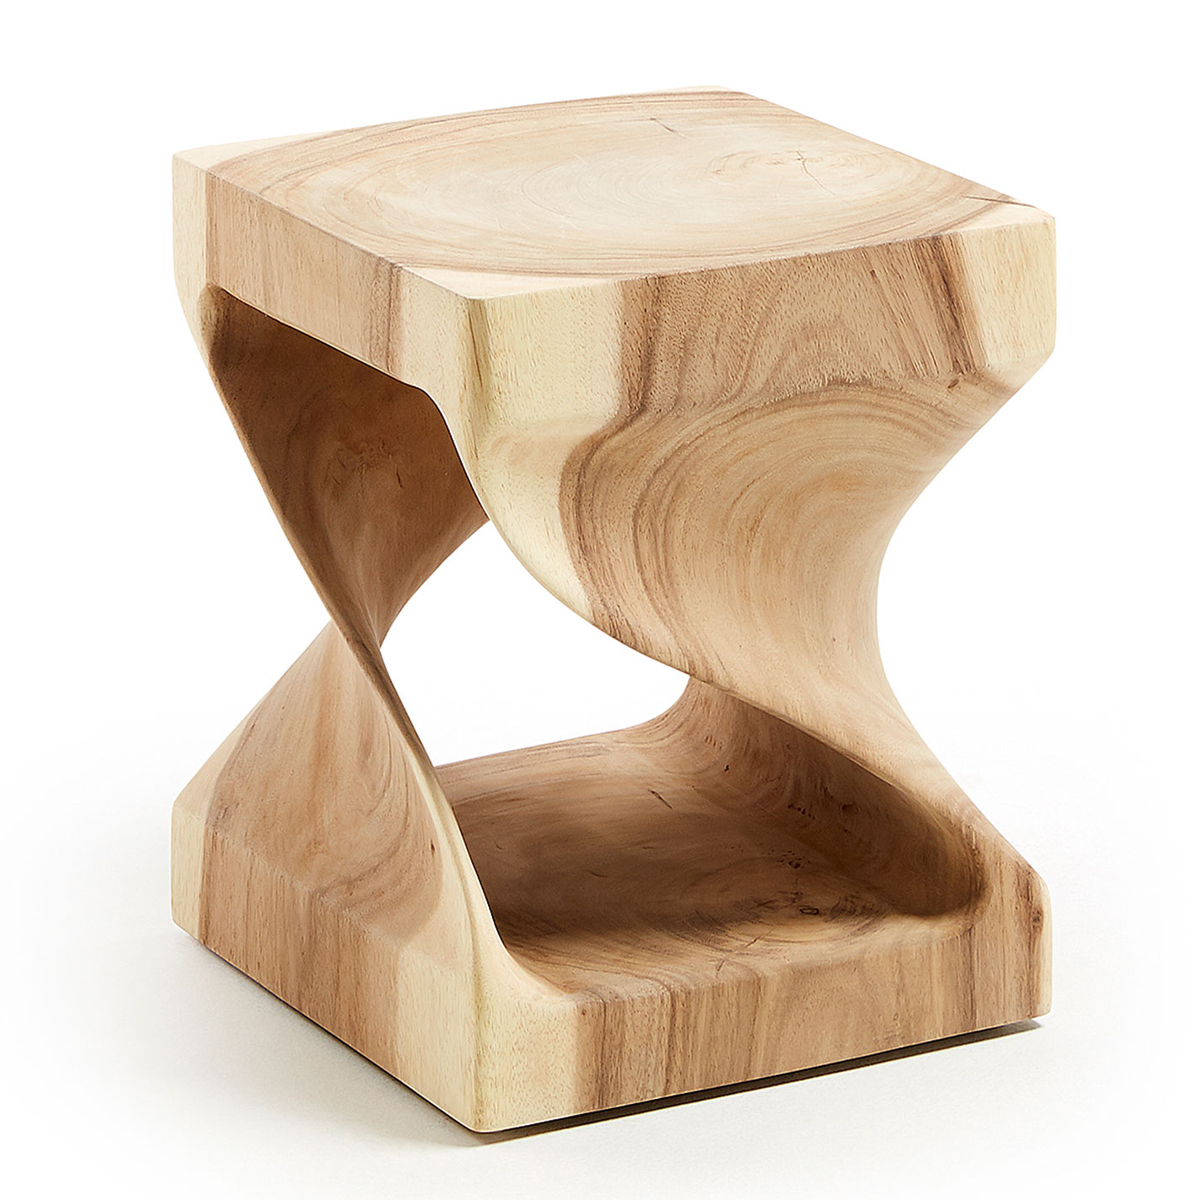 Table d'appoint carrée et ajourée en bois (Bois)